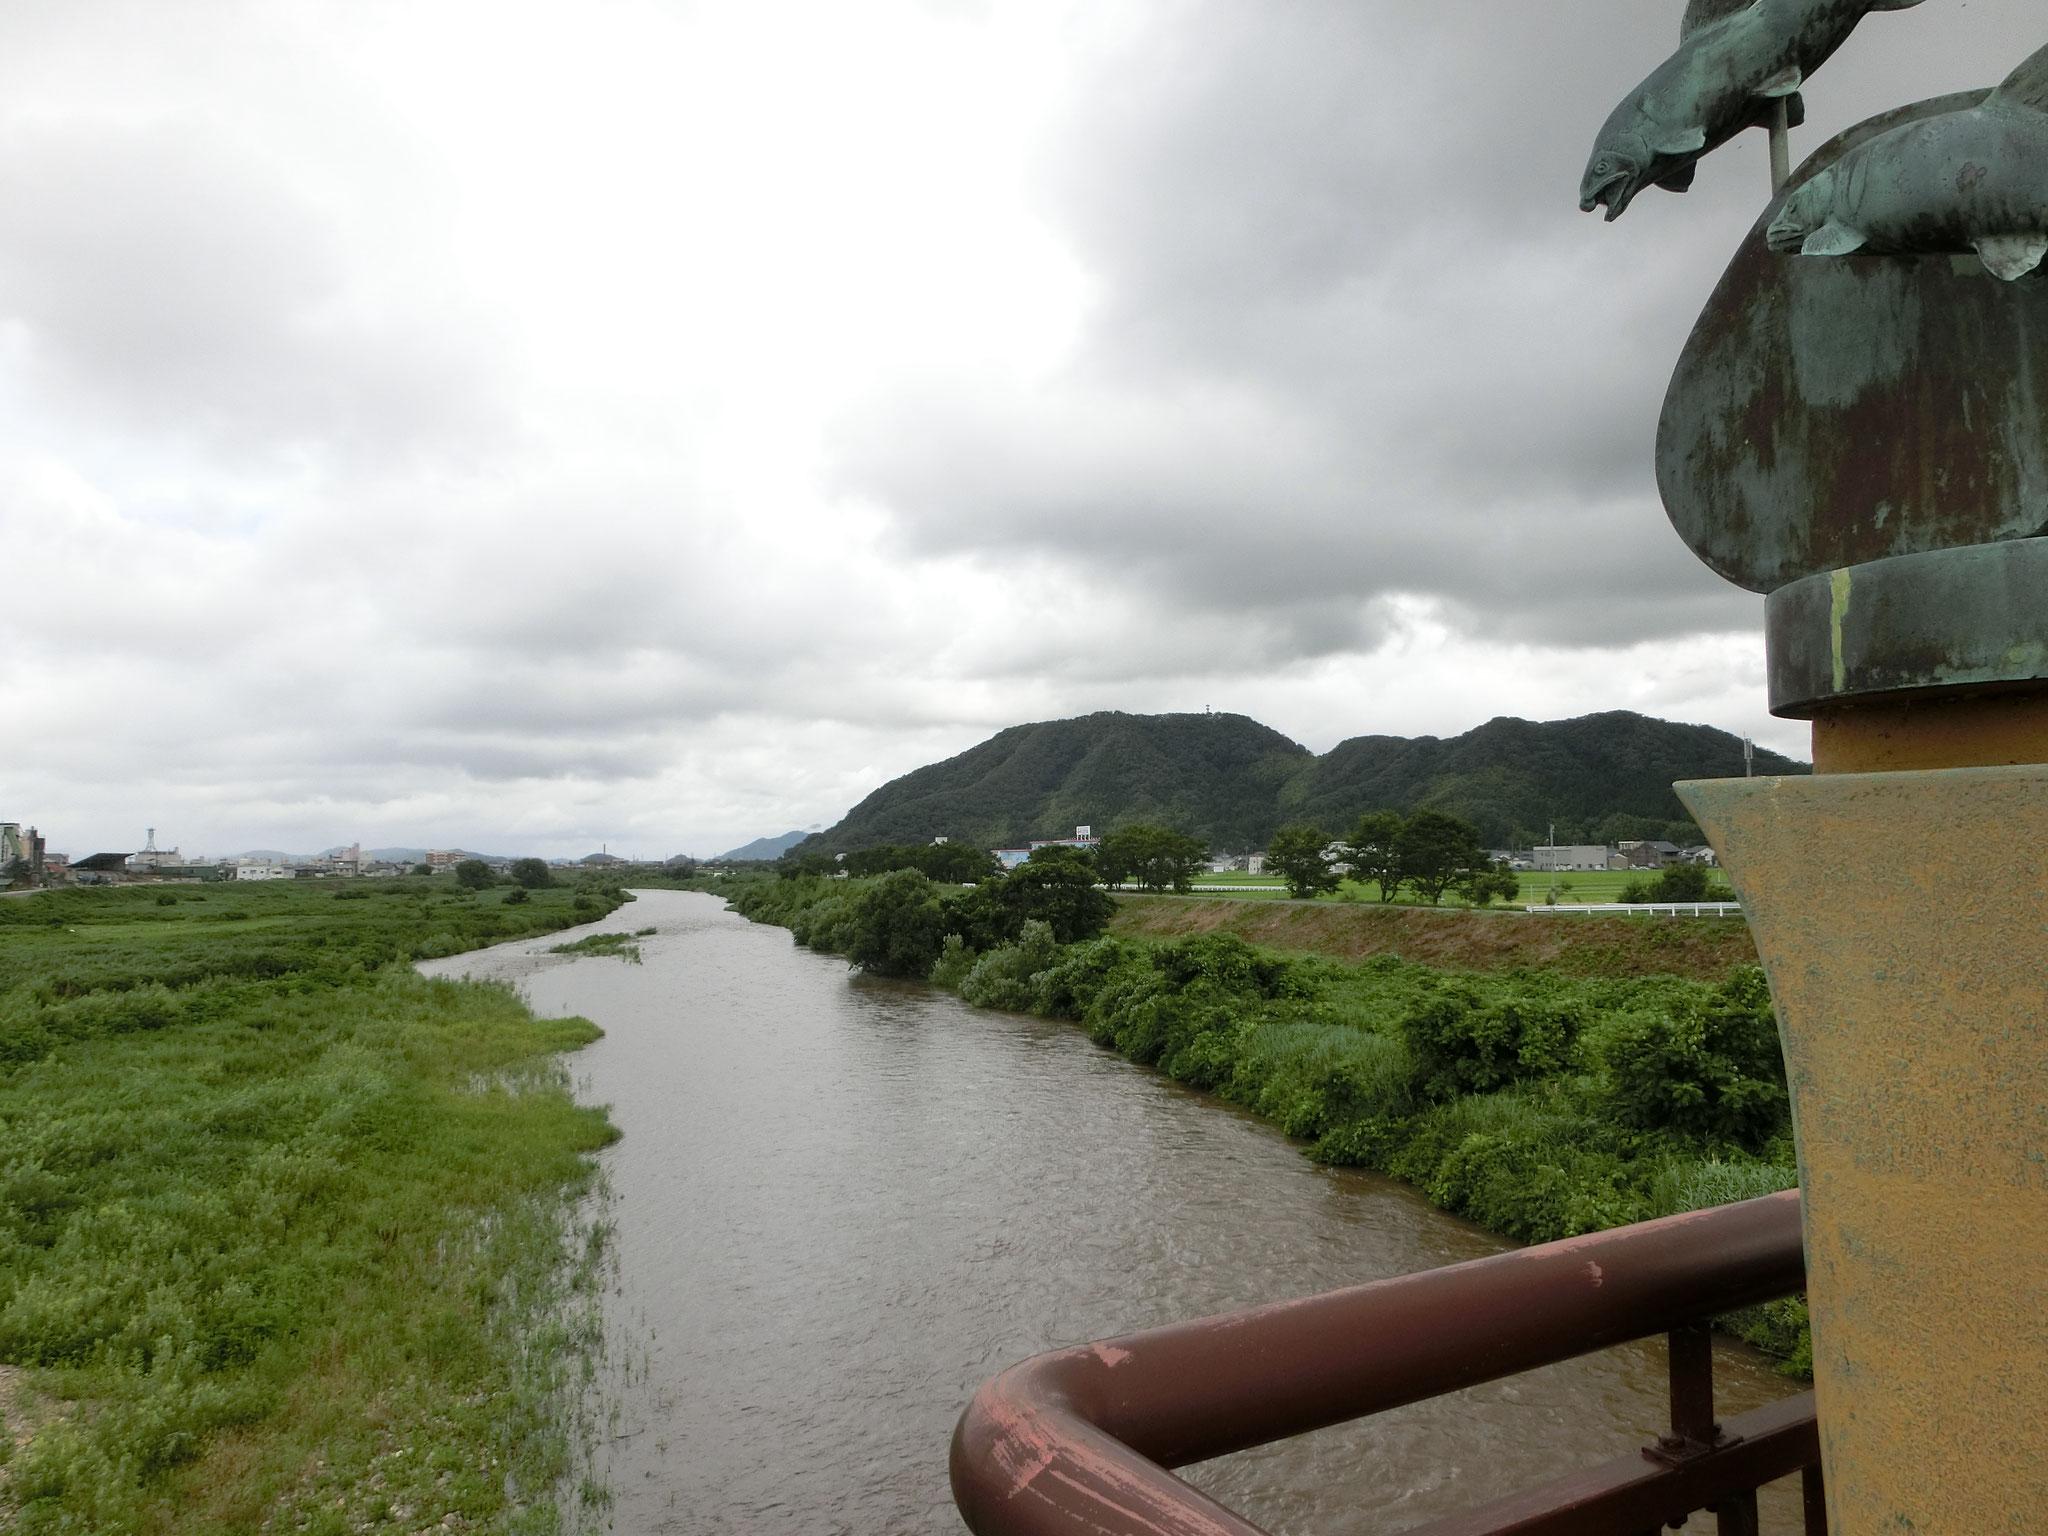 H28.7.15 13時20分 越前市 日野大橋下流